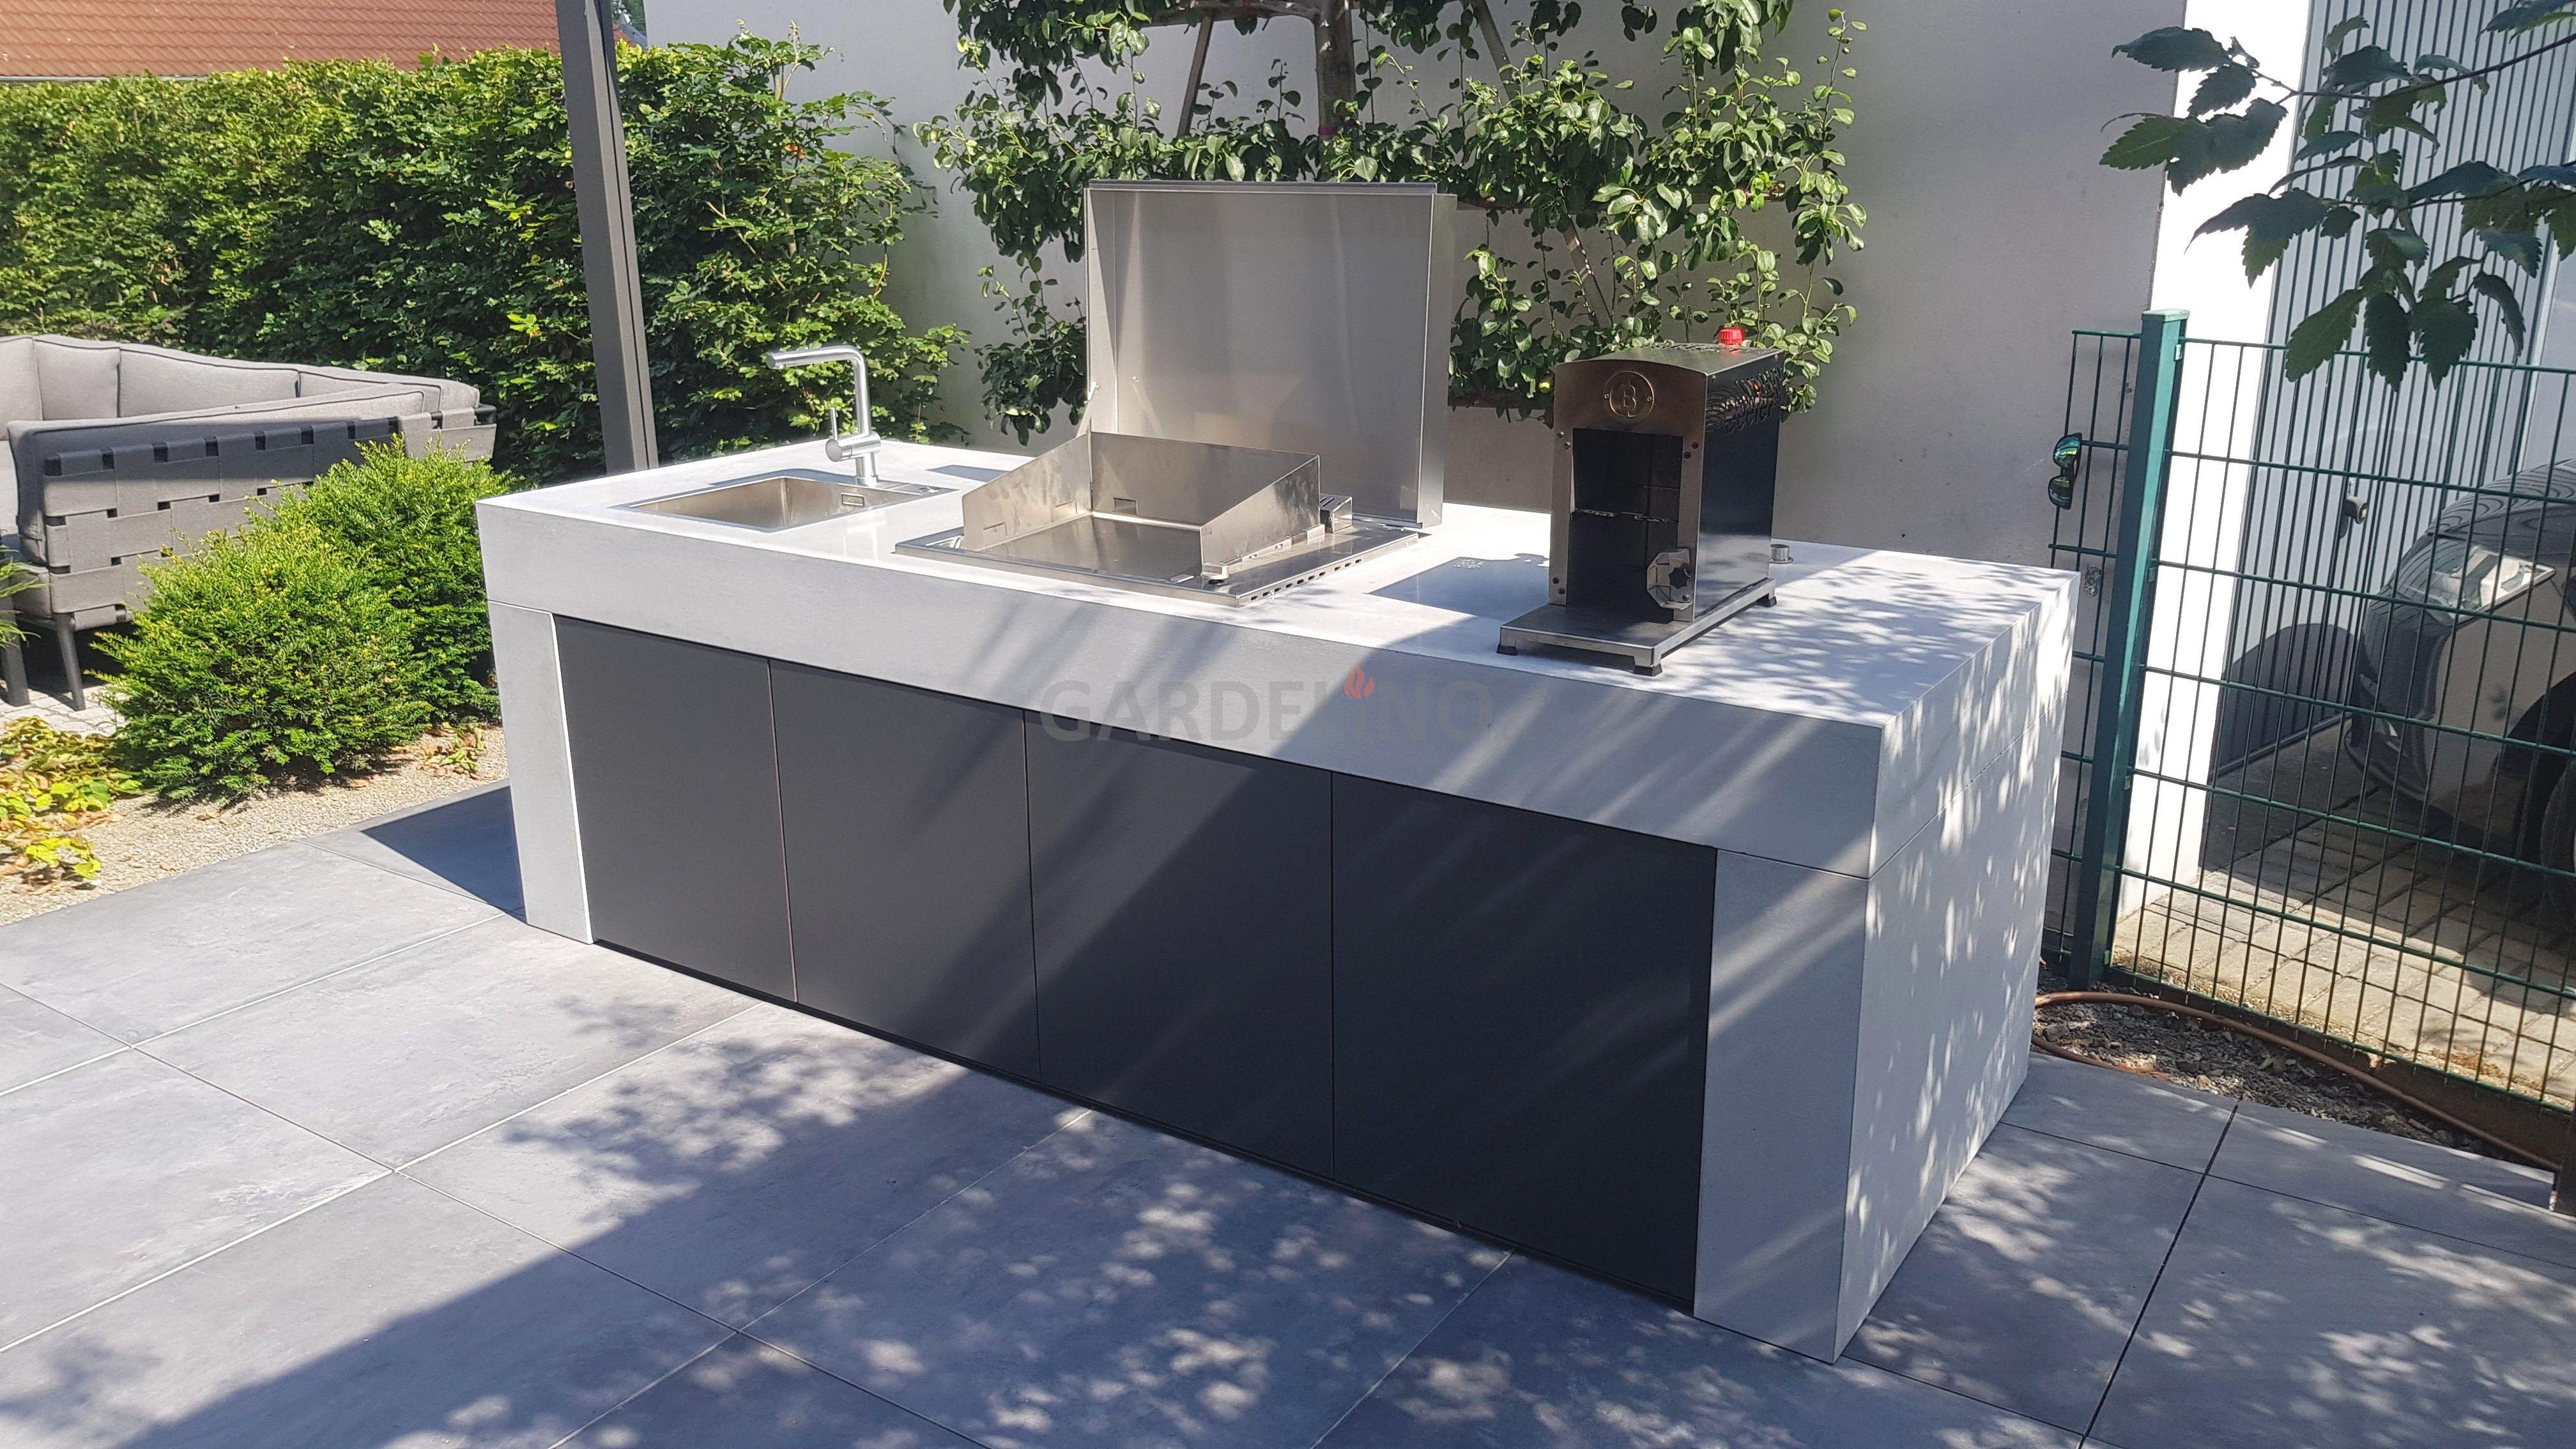 design-outdoor küche aus beton en 2020 | plancha